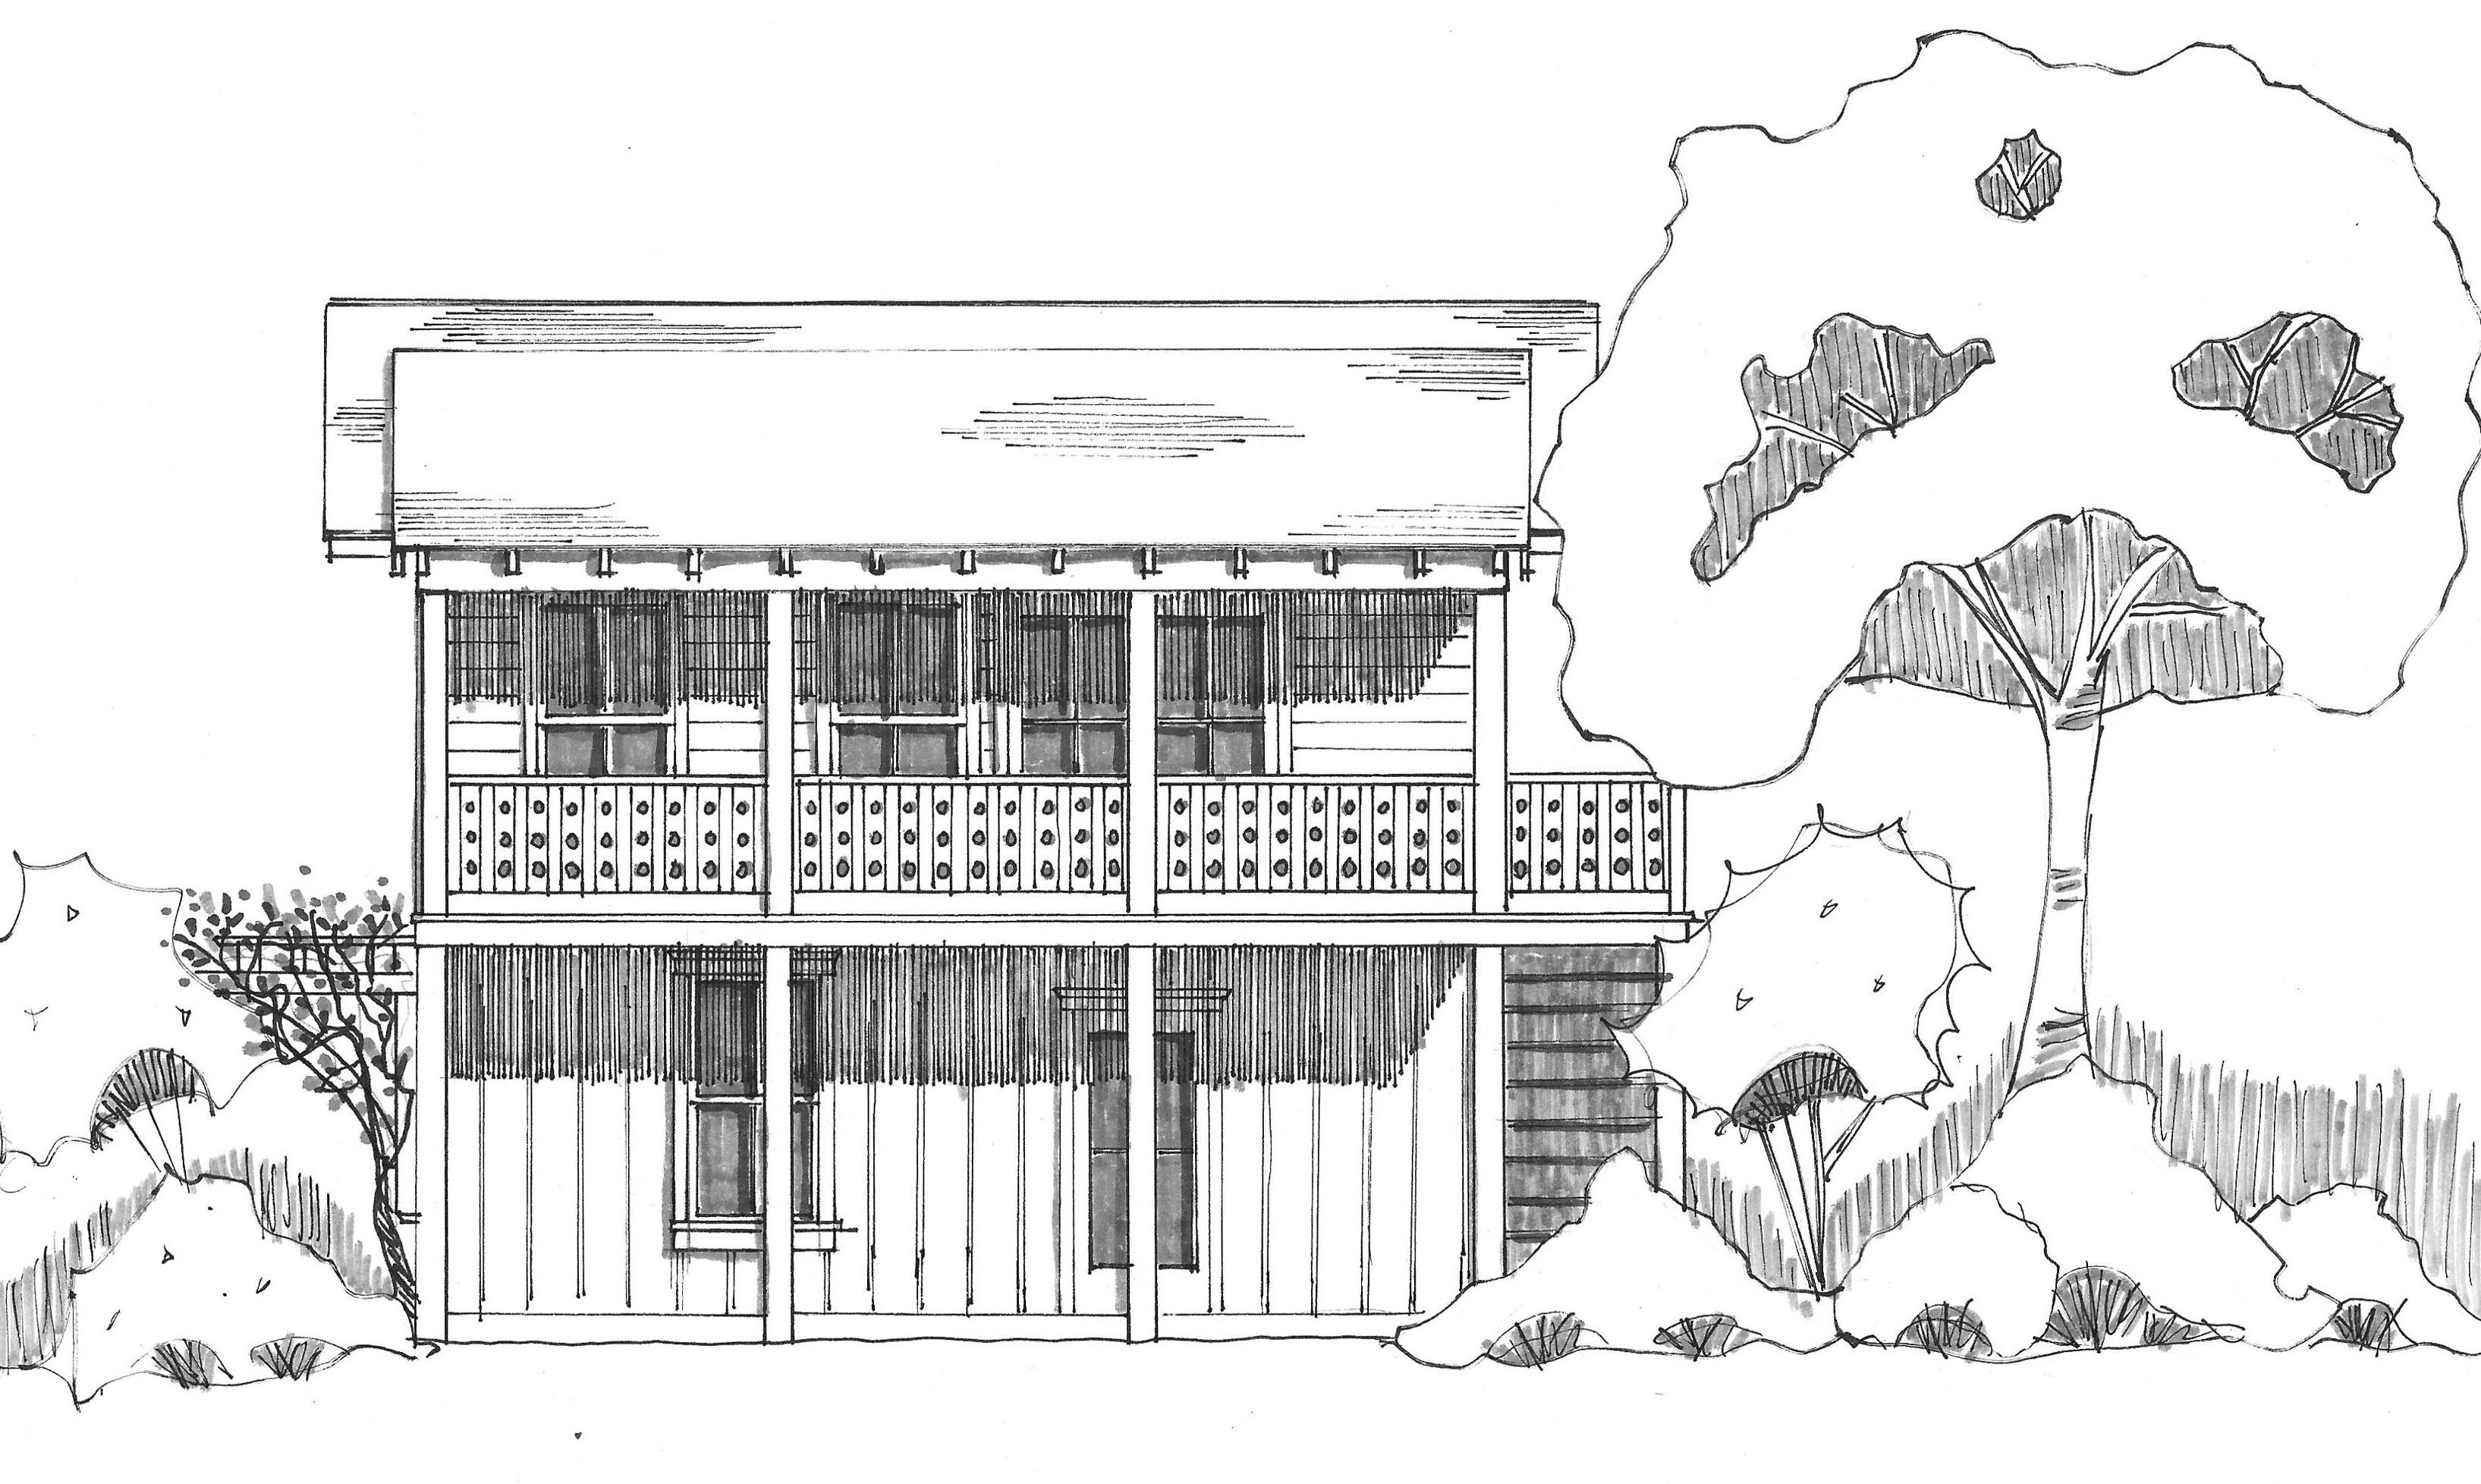 K's cottage front